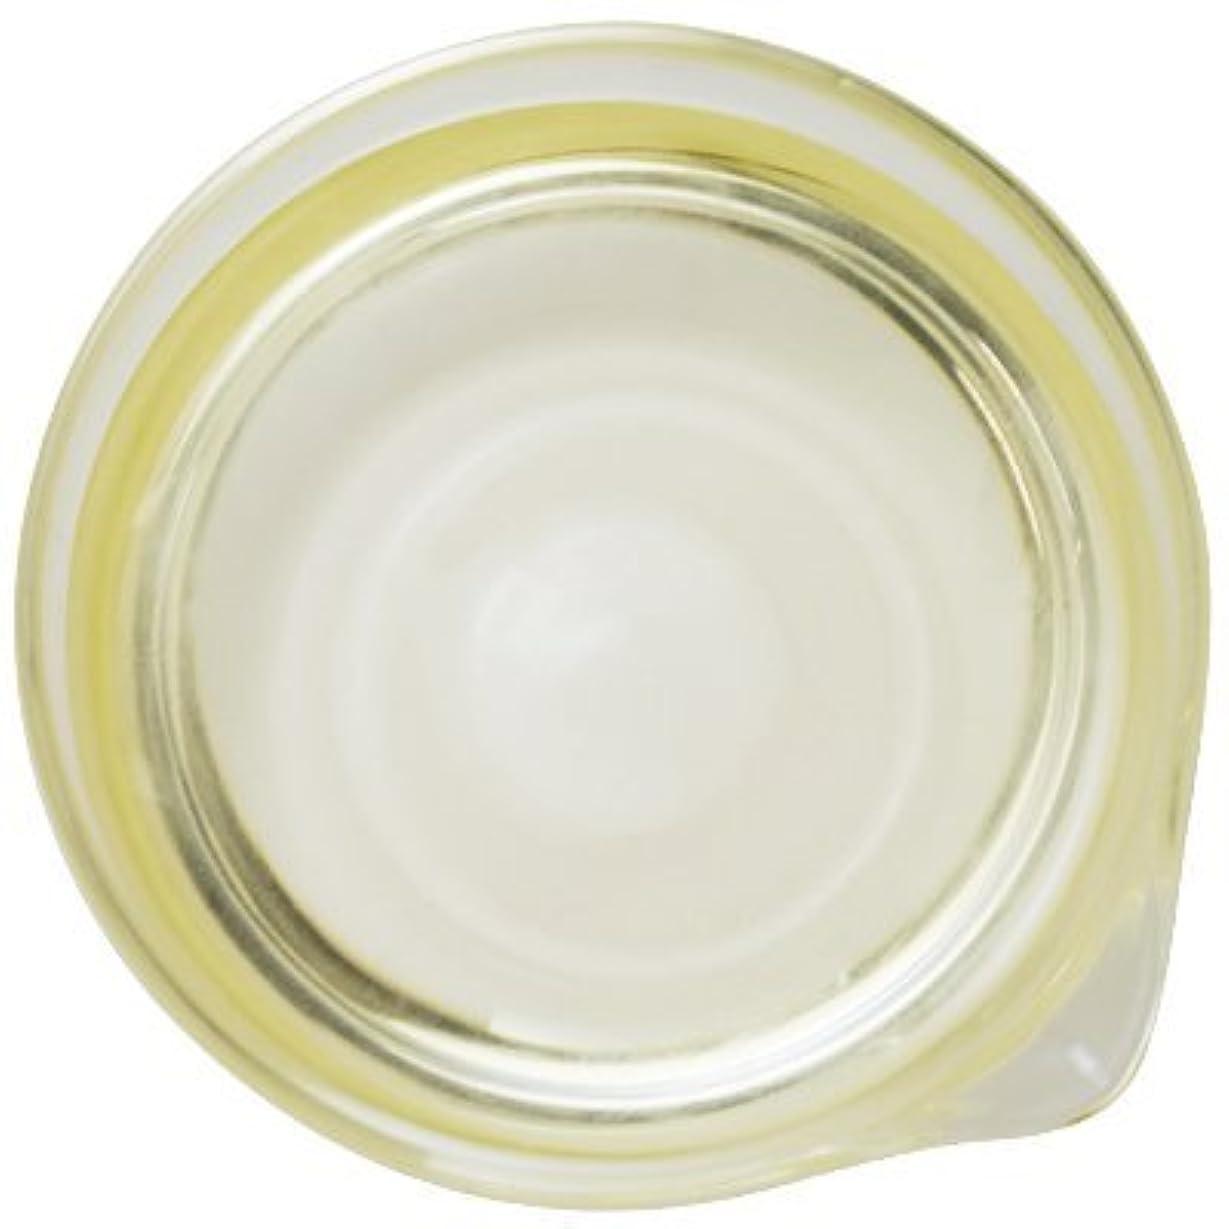 セサミオイル 500ml [白ごま油]【手作り石鹸/手作りコスメ/ごま油】【birth】